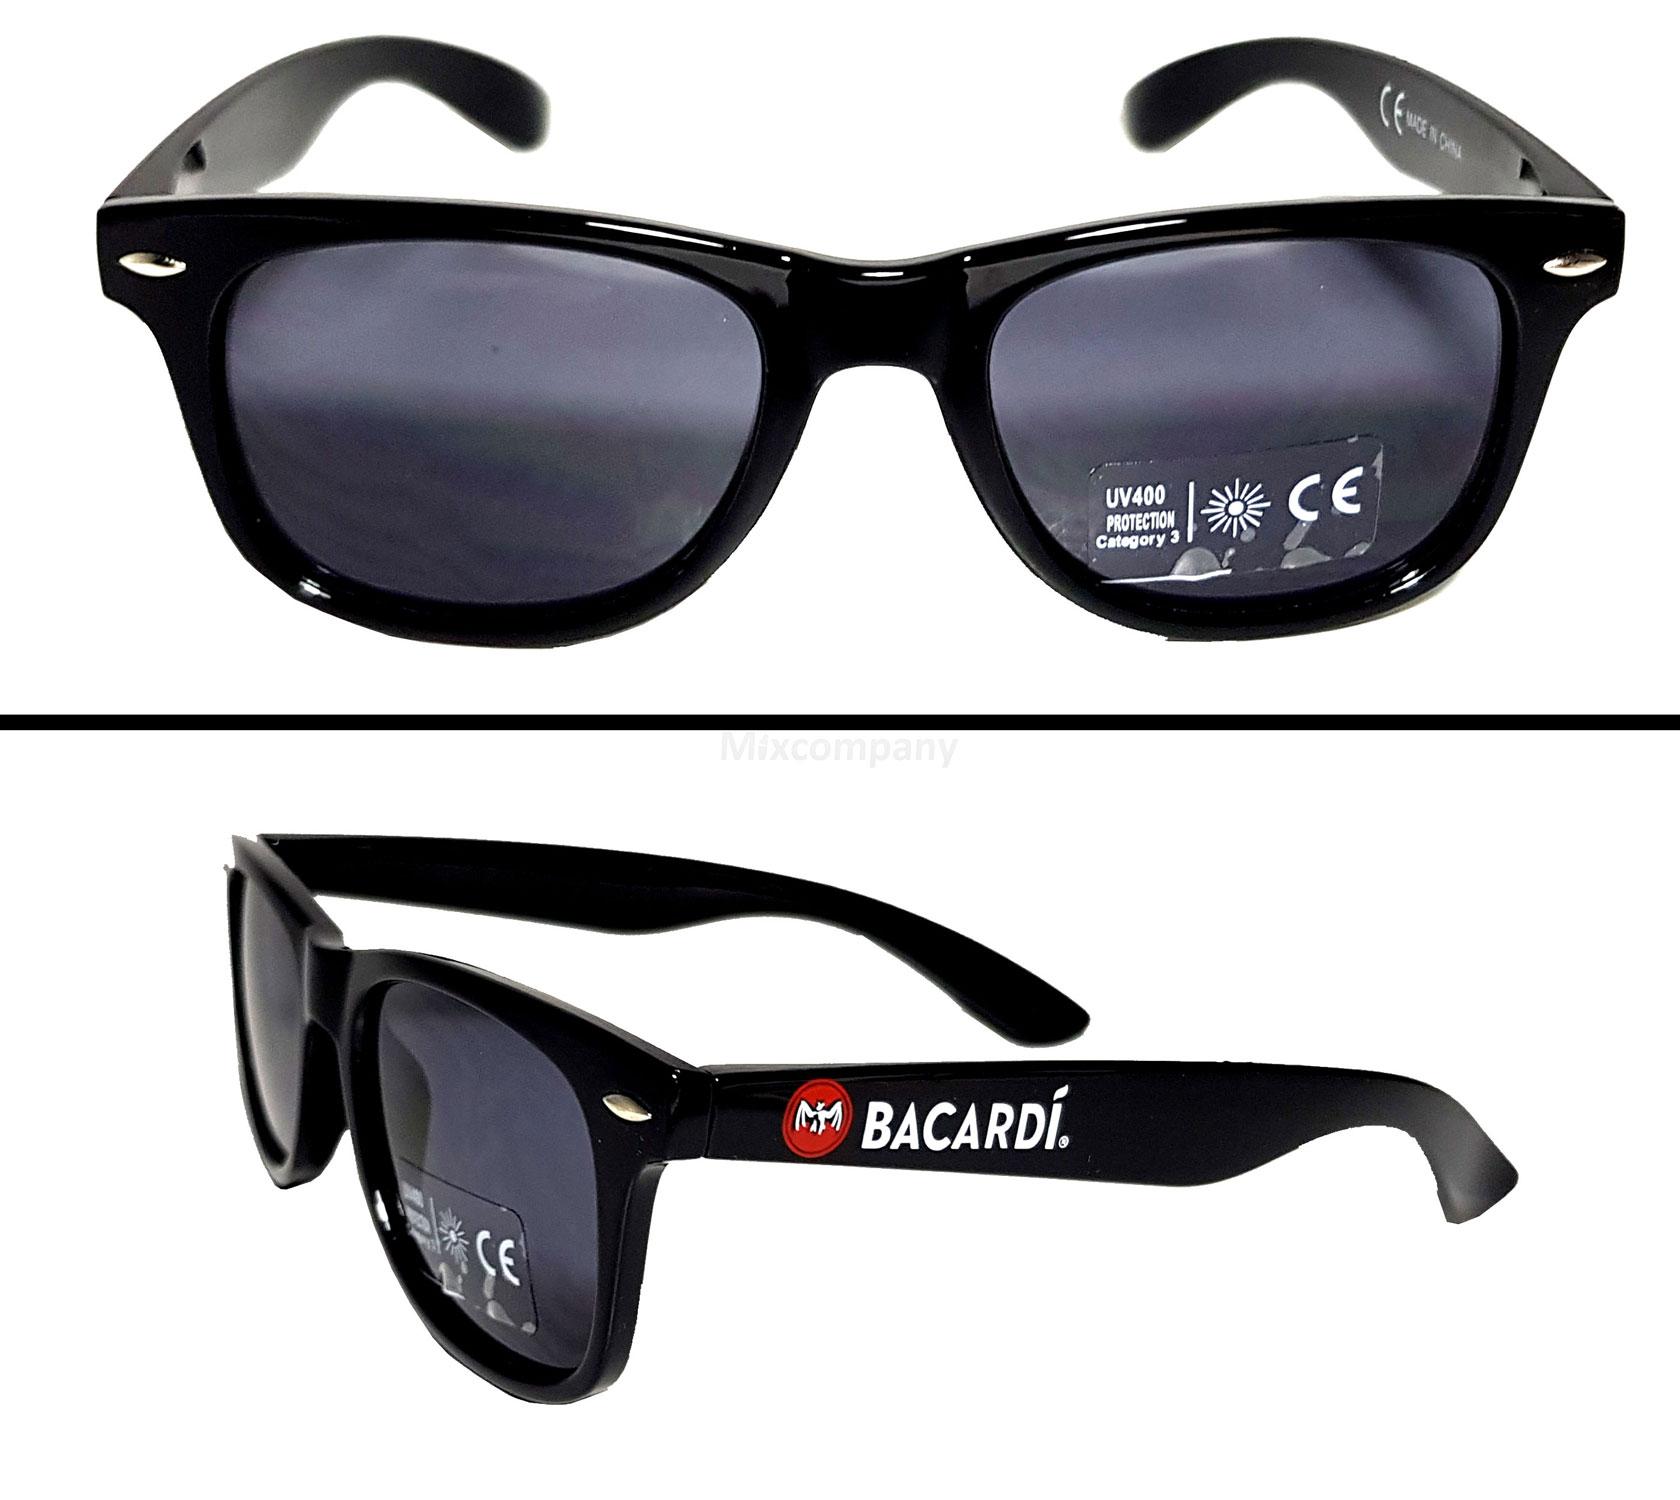 Bacardi Sonnenbrille mit UV 400 Schutz